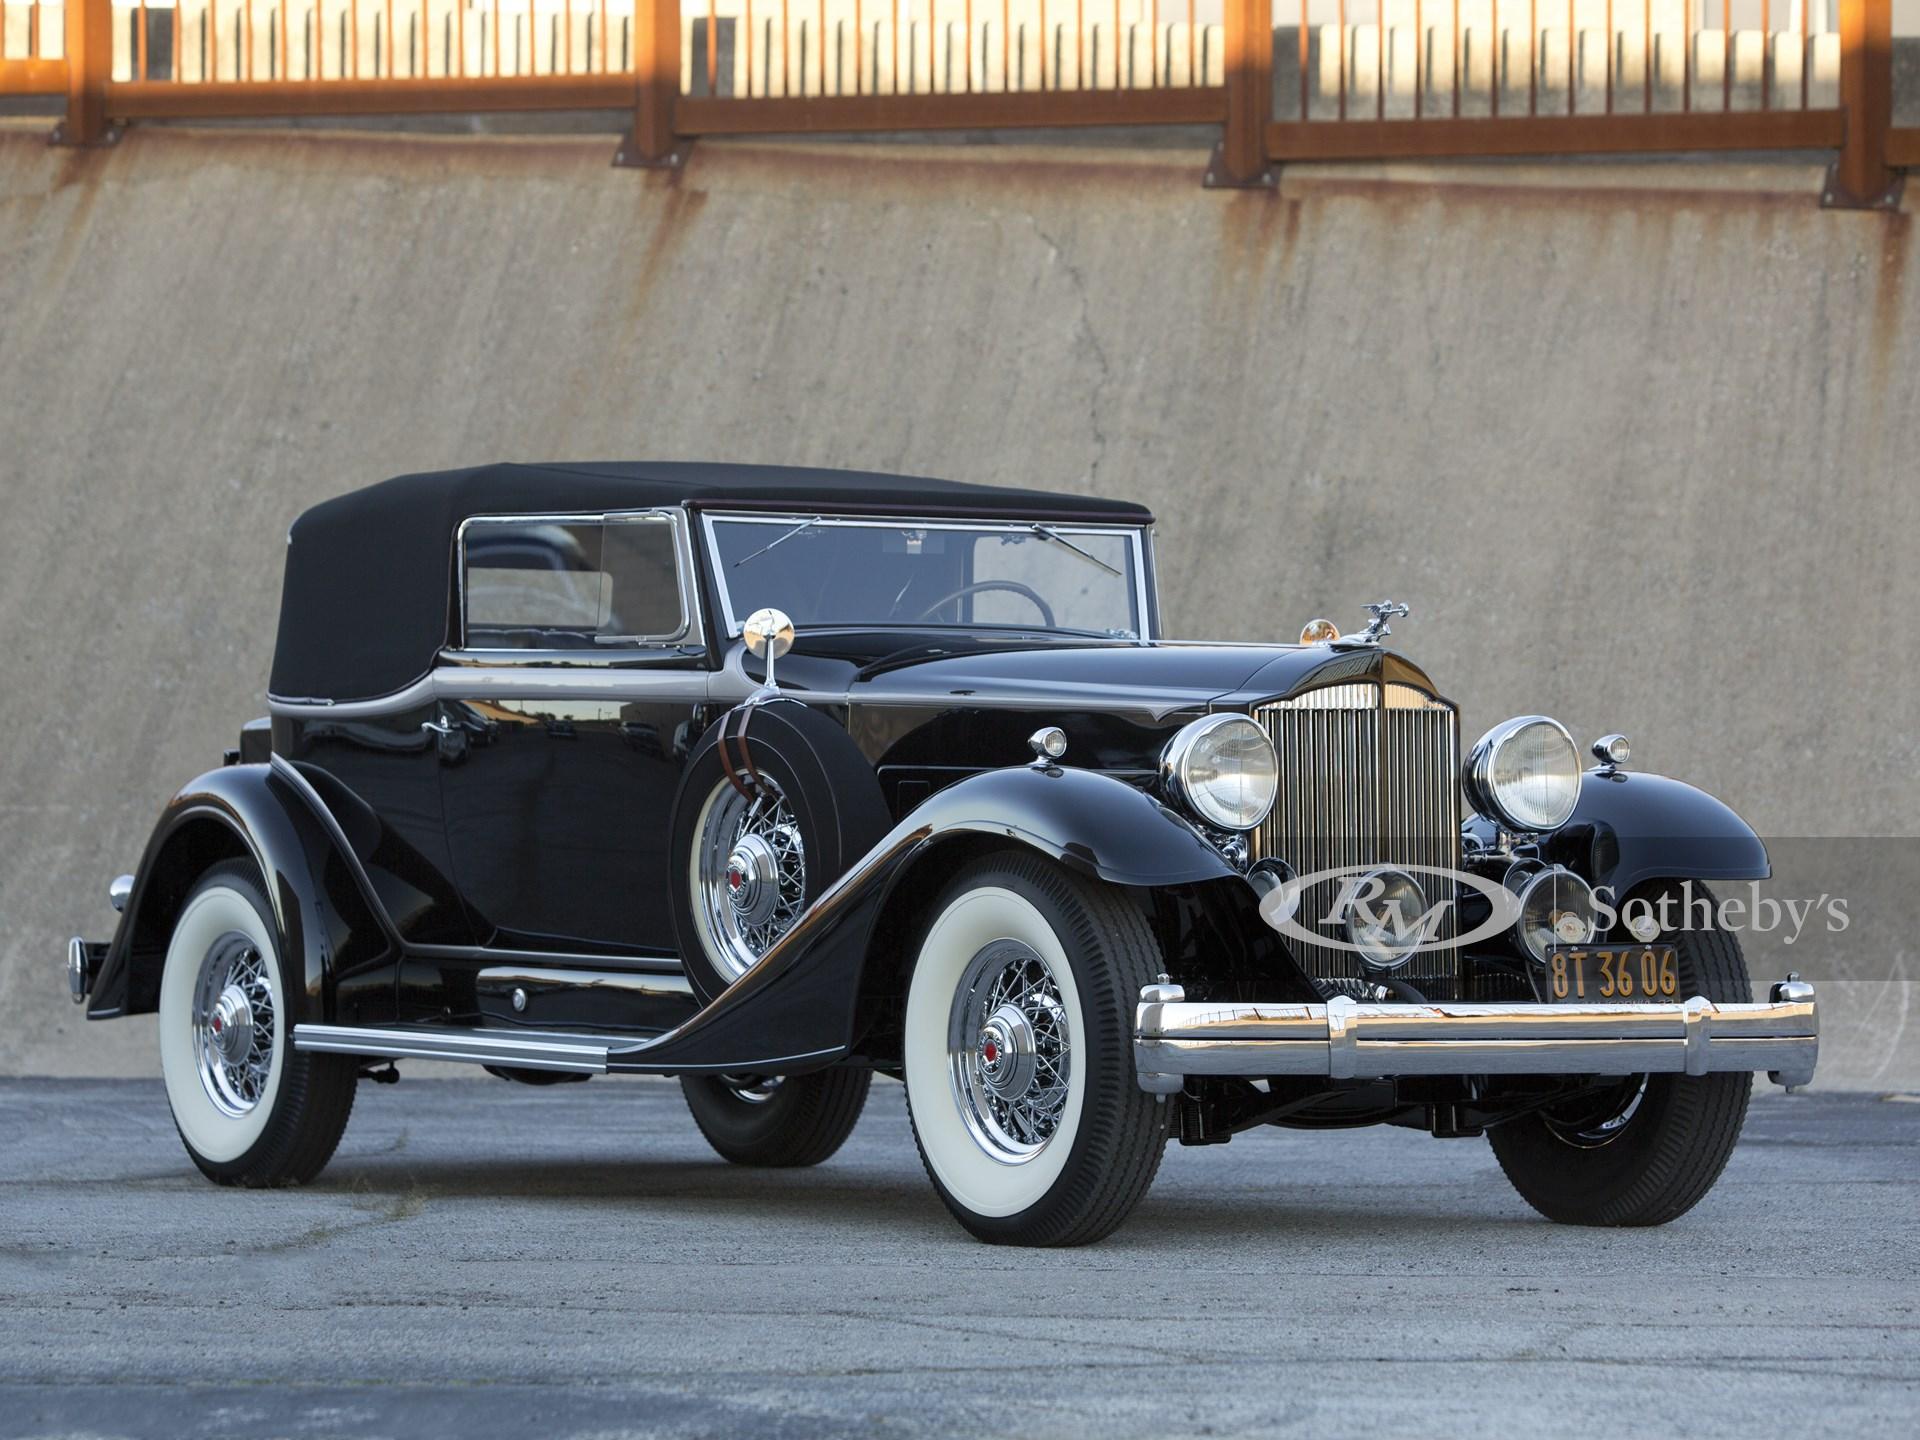 1933 Packard Super Eight Convertible Victoria